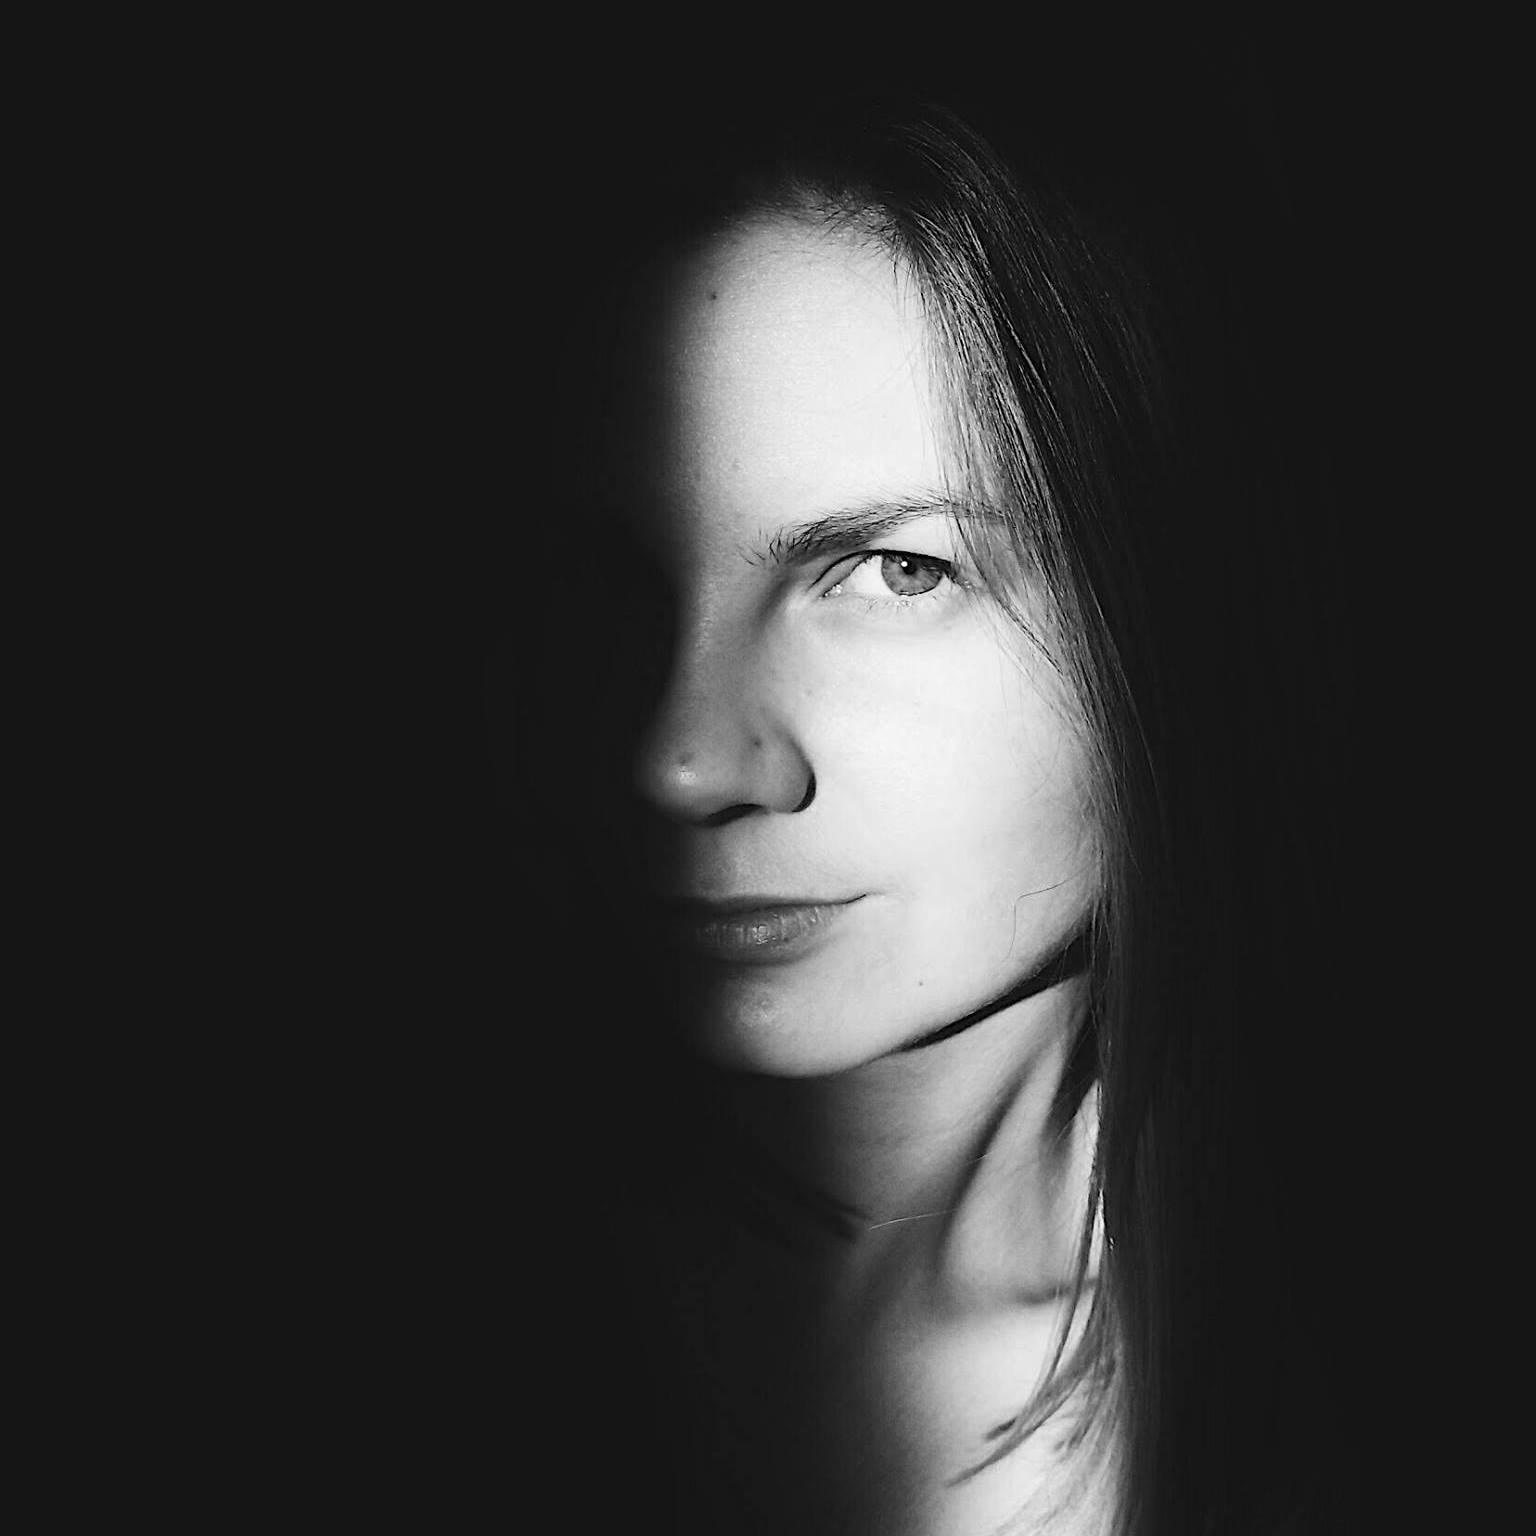 Go to Daria Sheveleva's profile